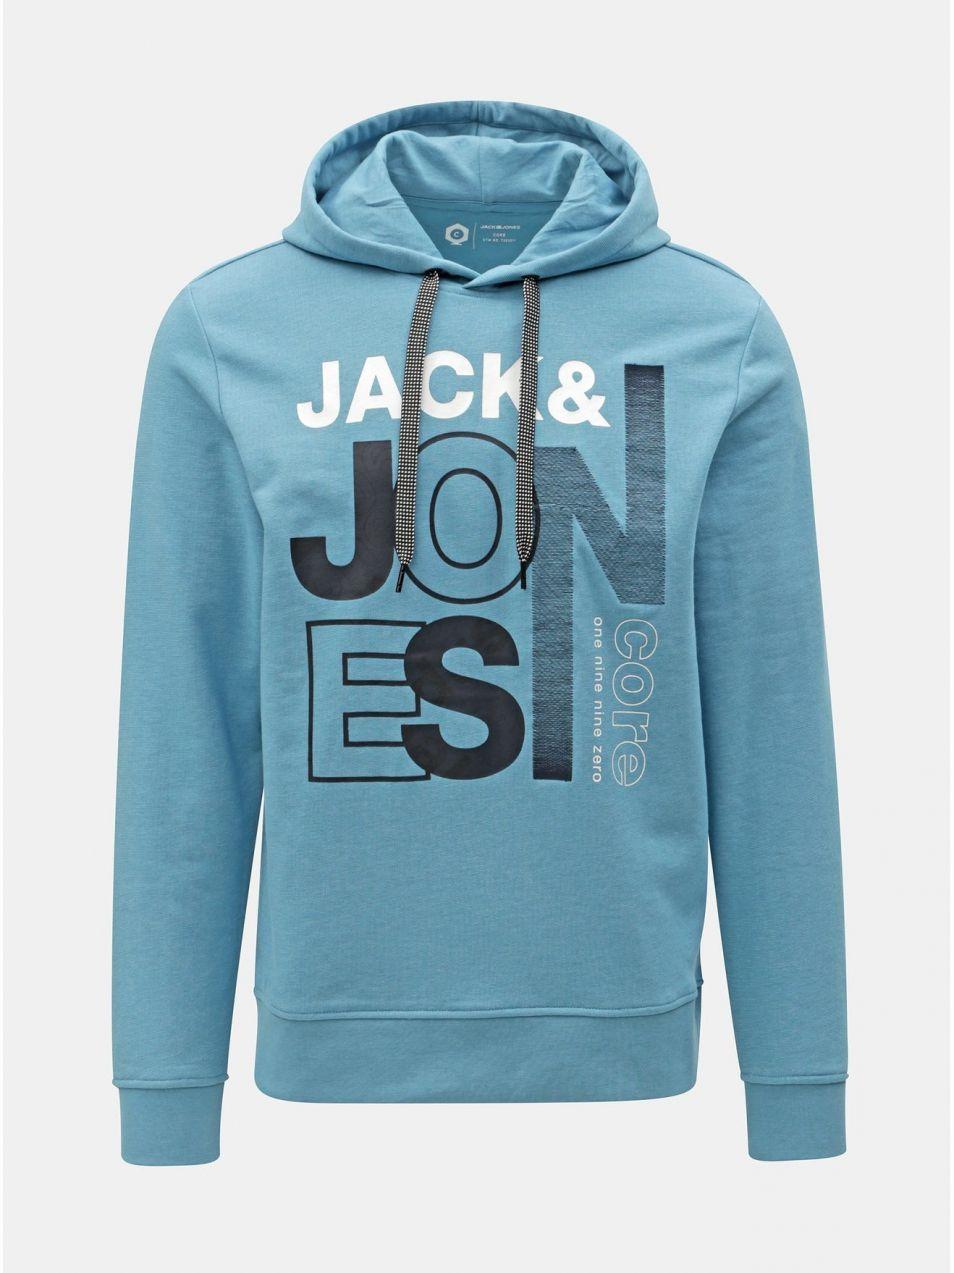 Modrá mikina s potlačou Jack   Jones Tilly značky Jack   Jones ... fbc7c7b652